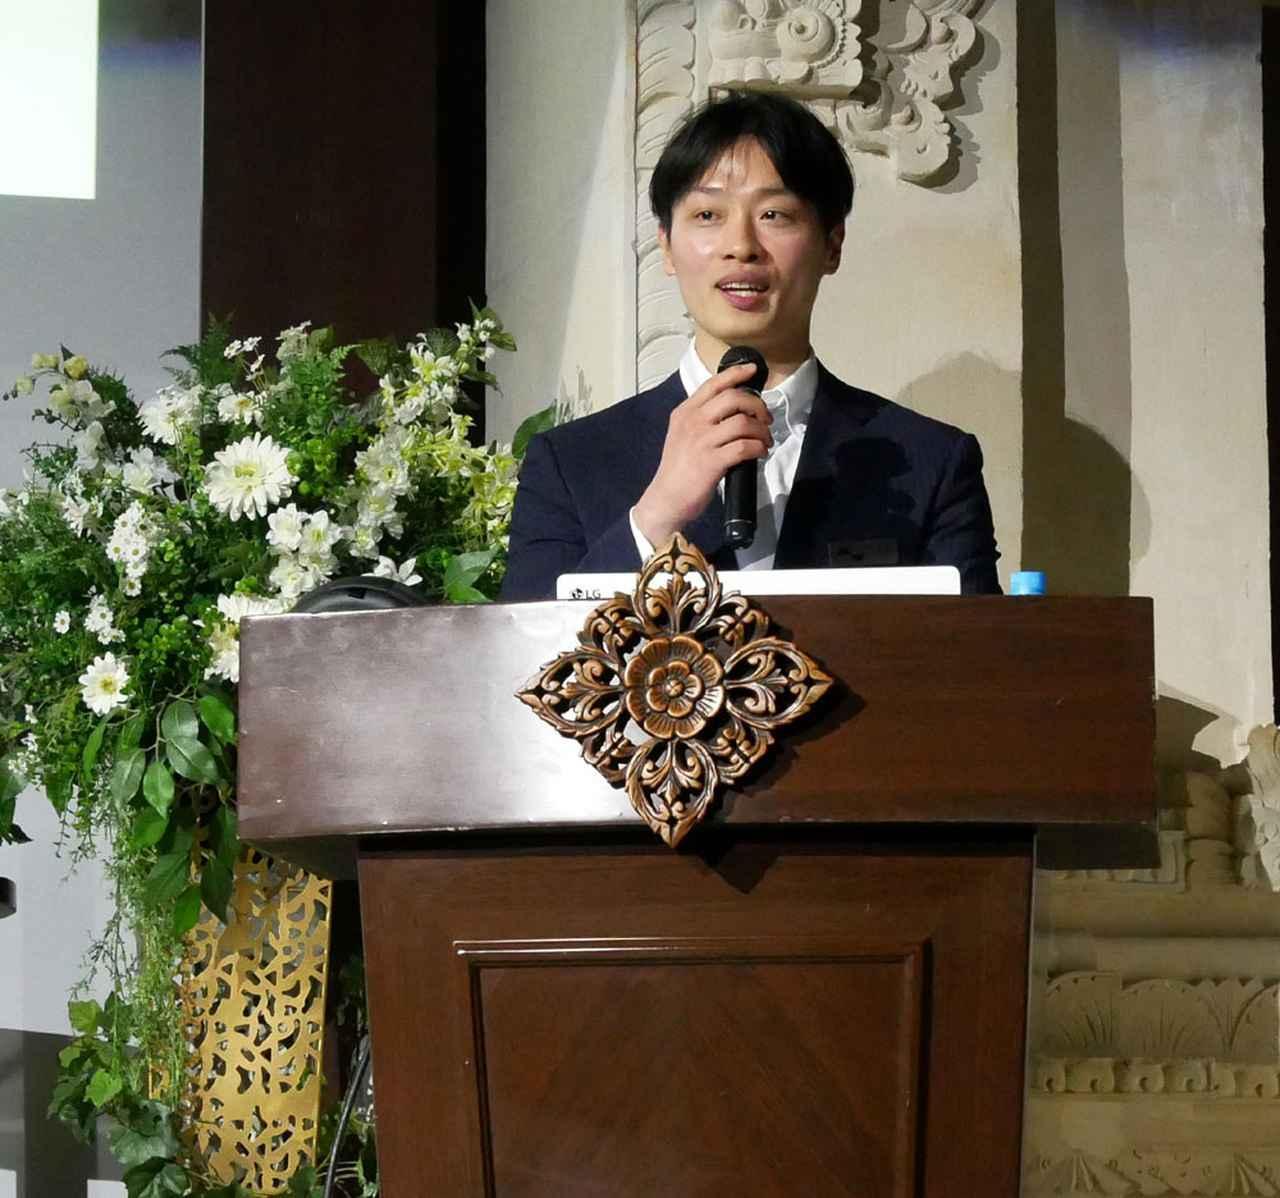 画像: 冒頭、nura社の取り扱い開始について説明する、Delfin Japanの尹(ユン)氏